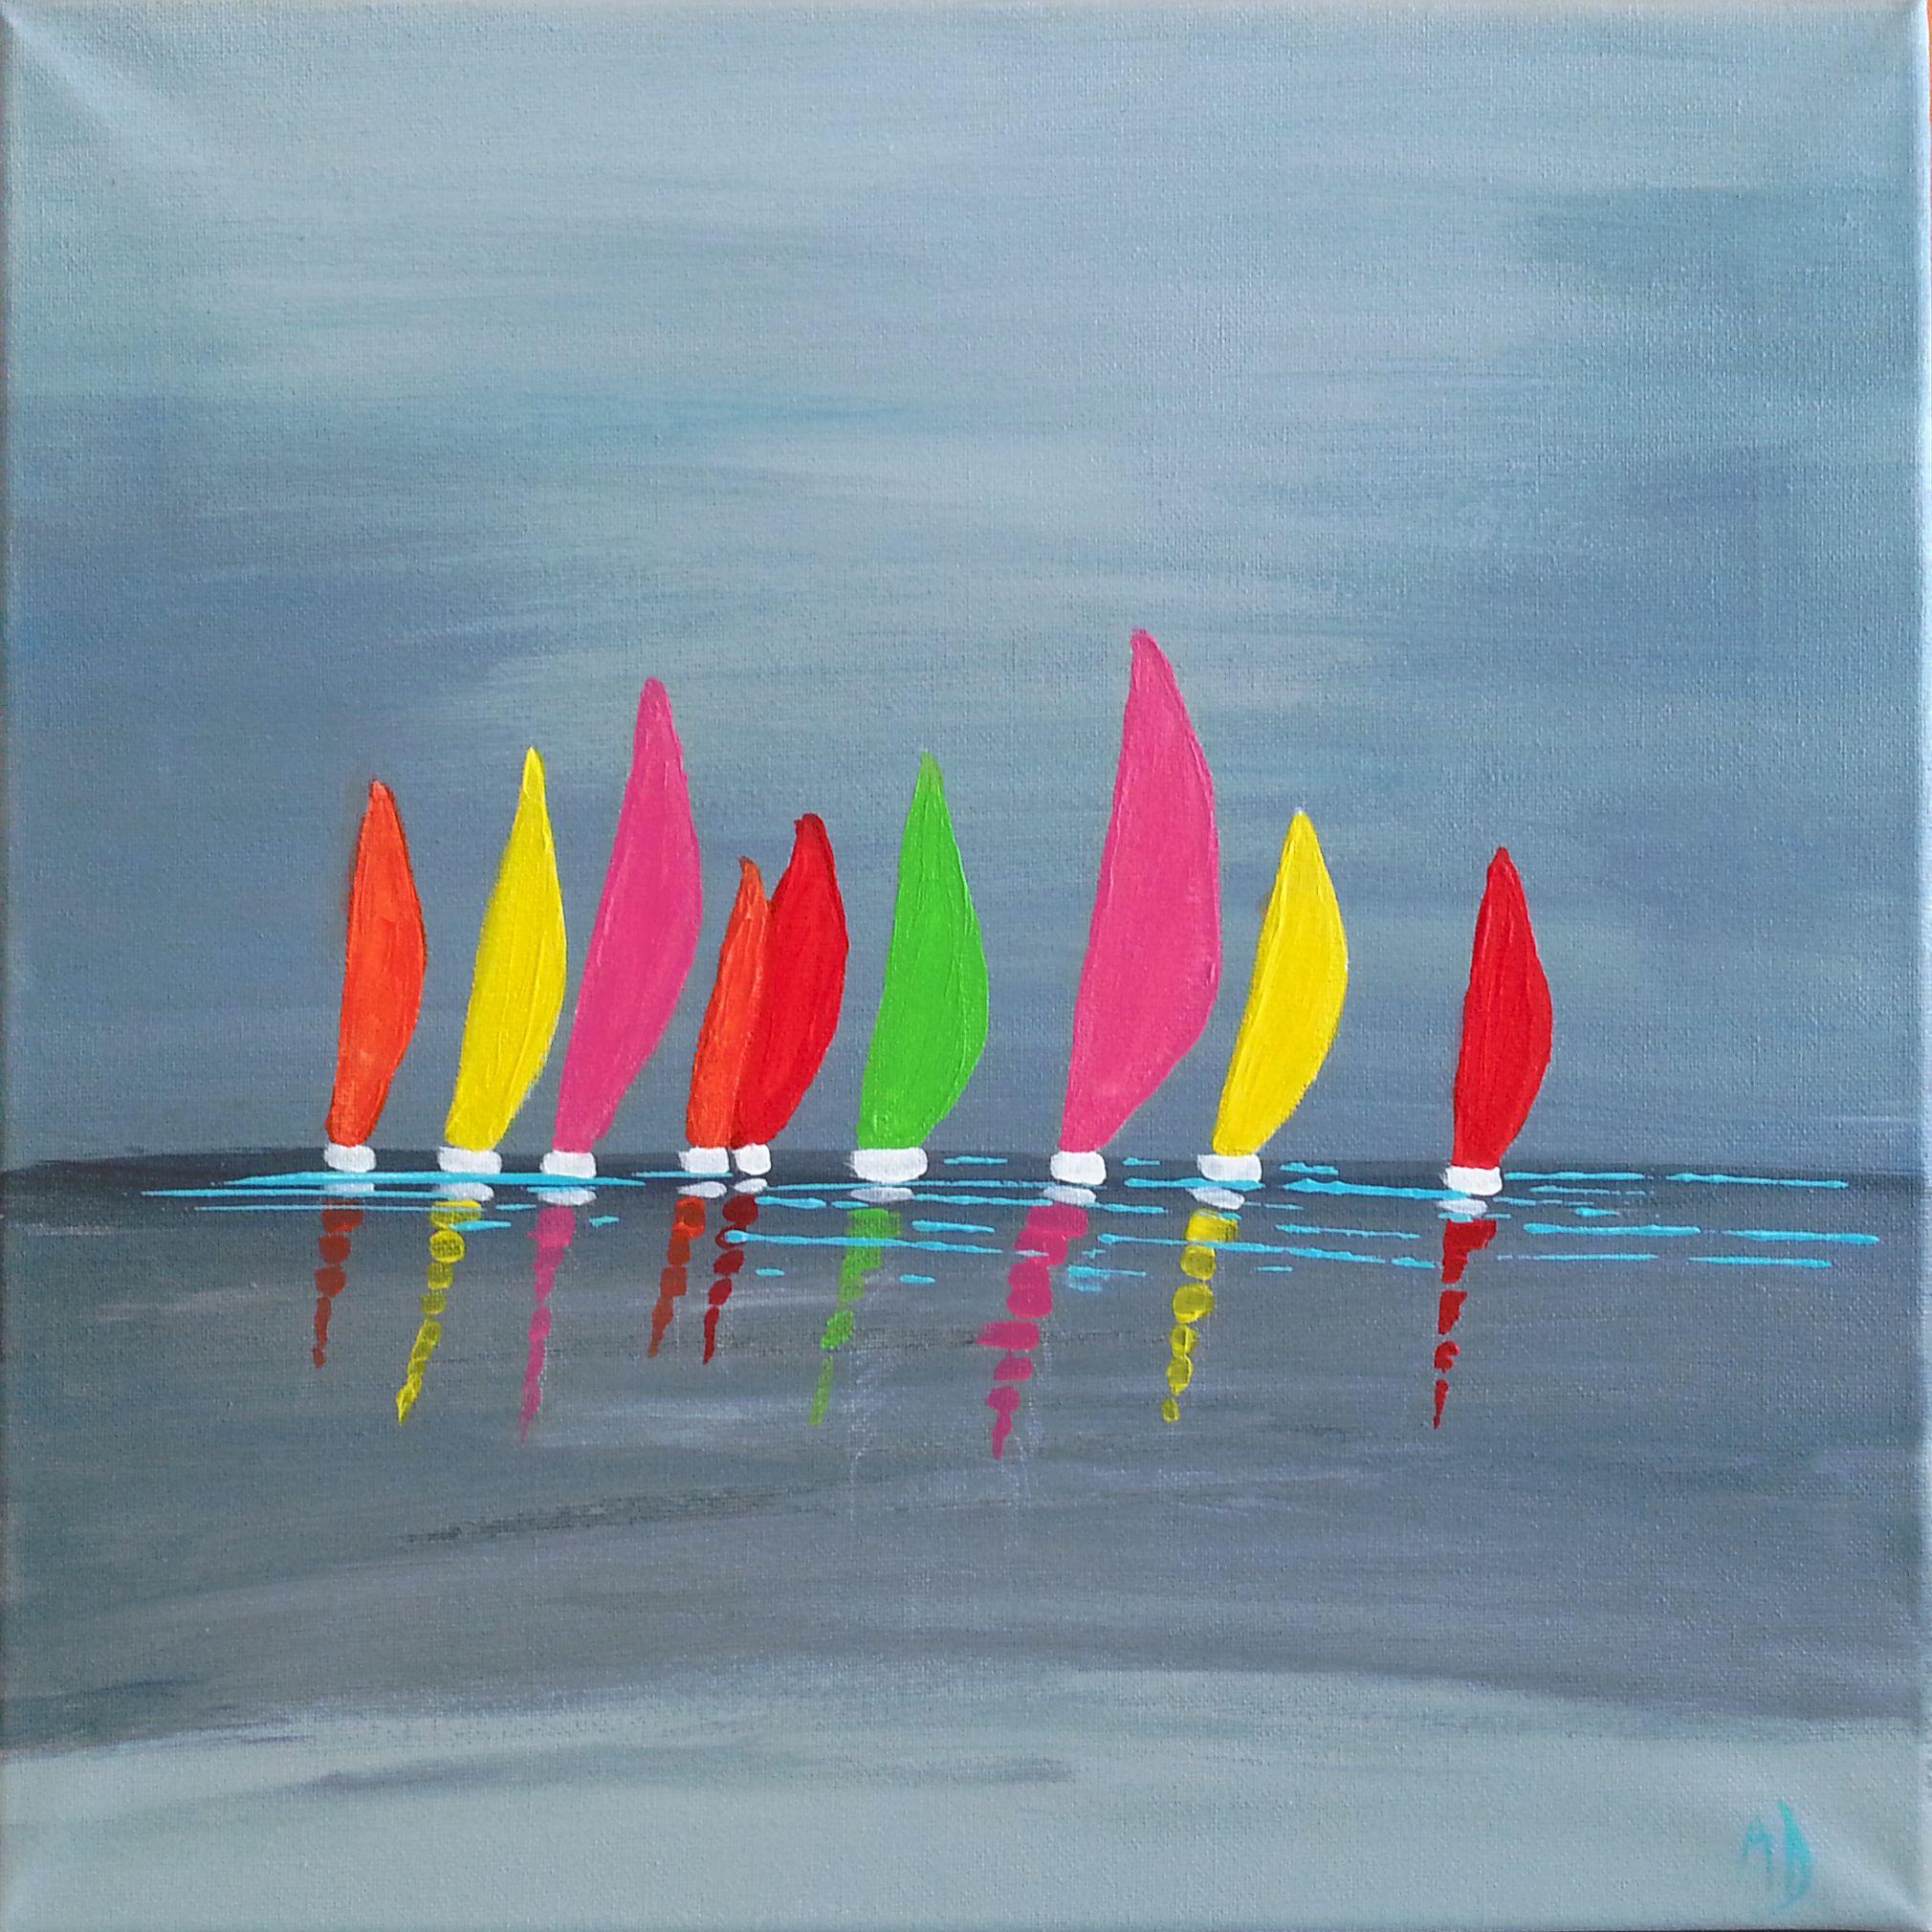 Tableau acrylique bateaux tableaux pinterest tableau for Peinture interieur bateau